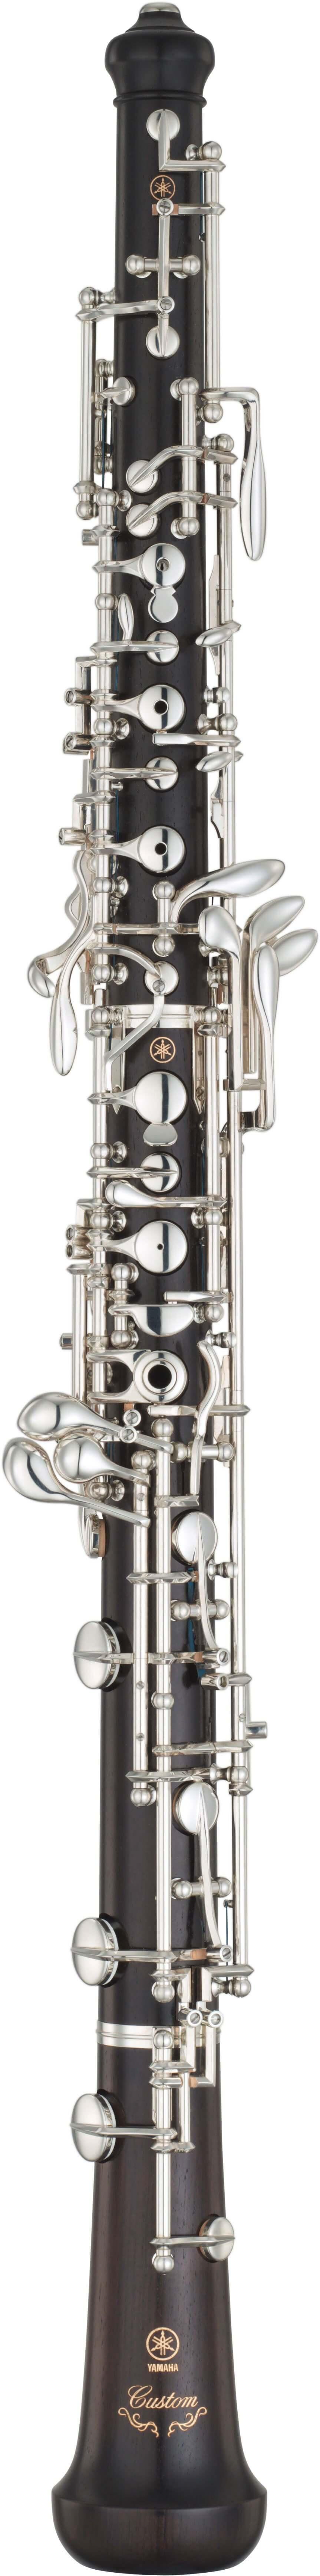 Oboe Yamaha Yob 831 Granadilla